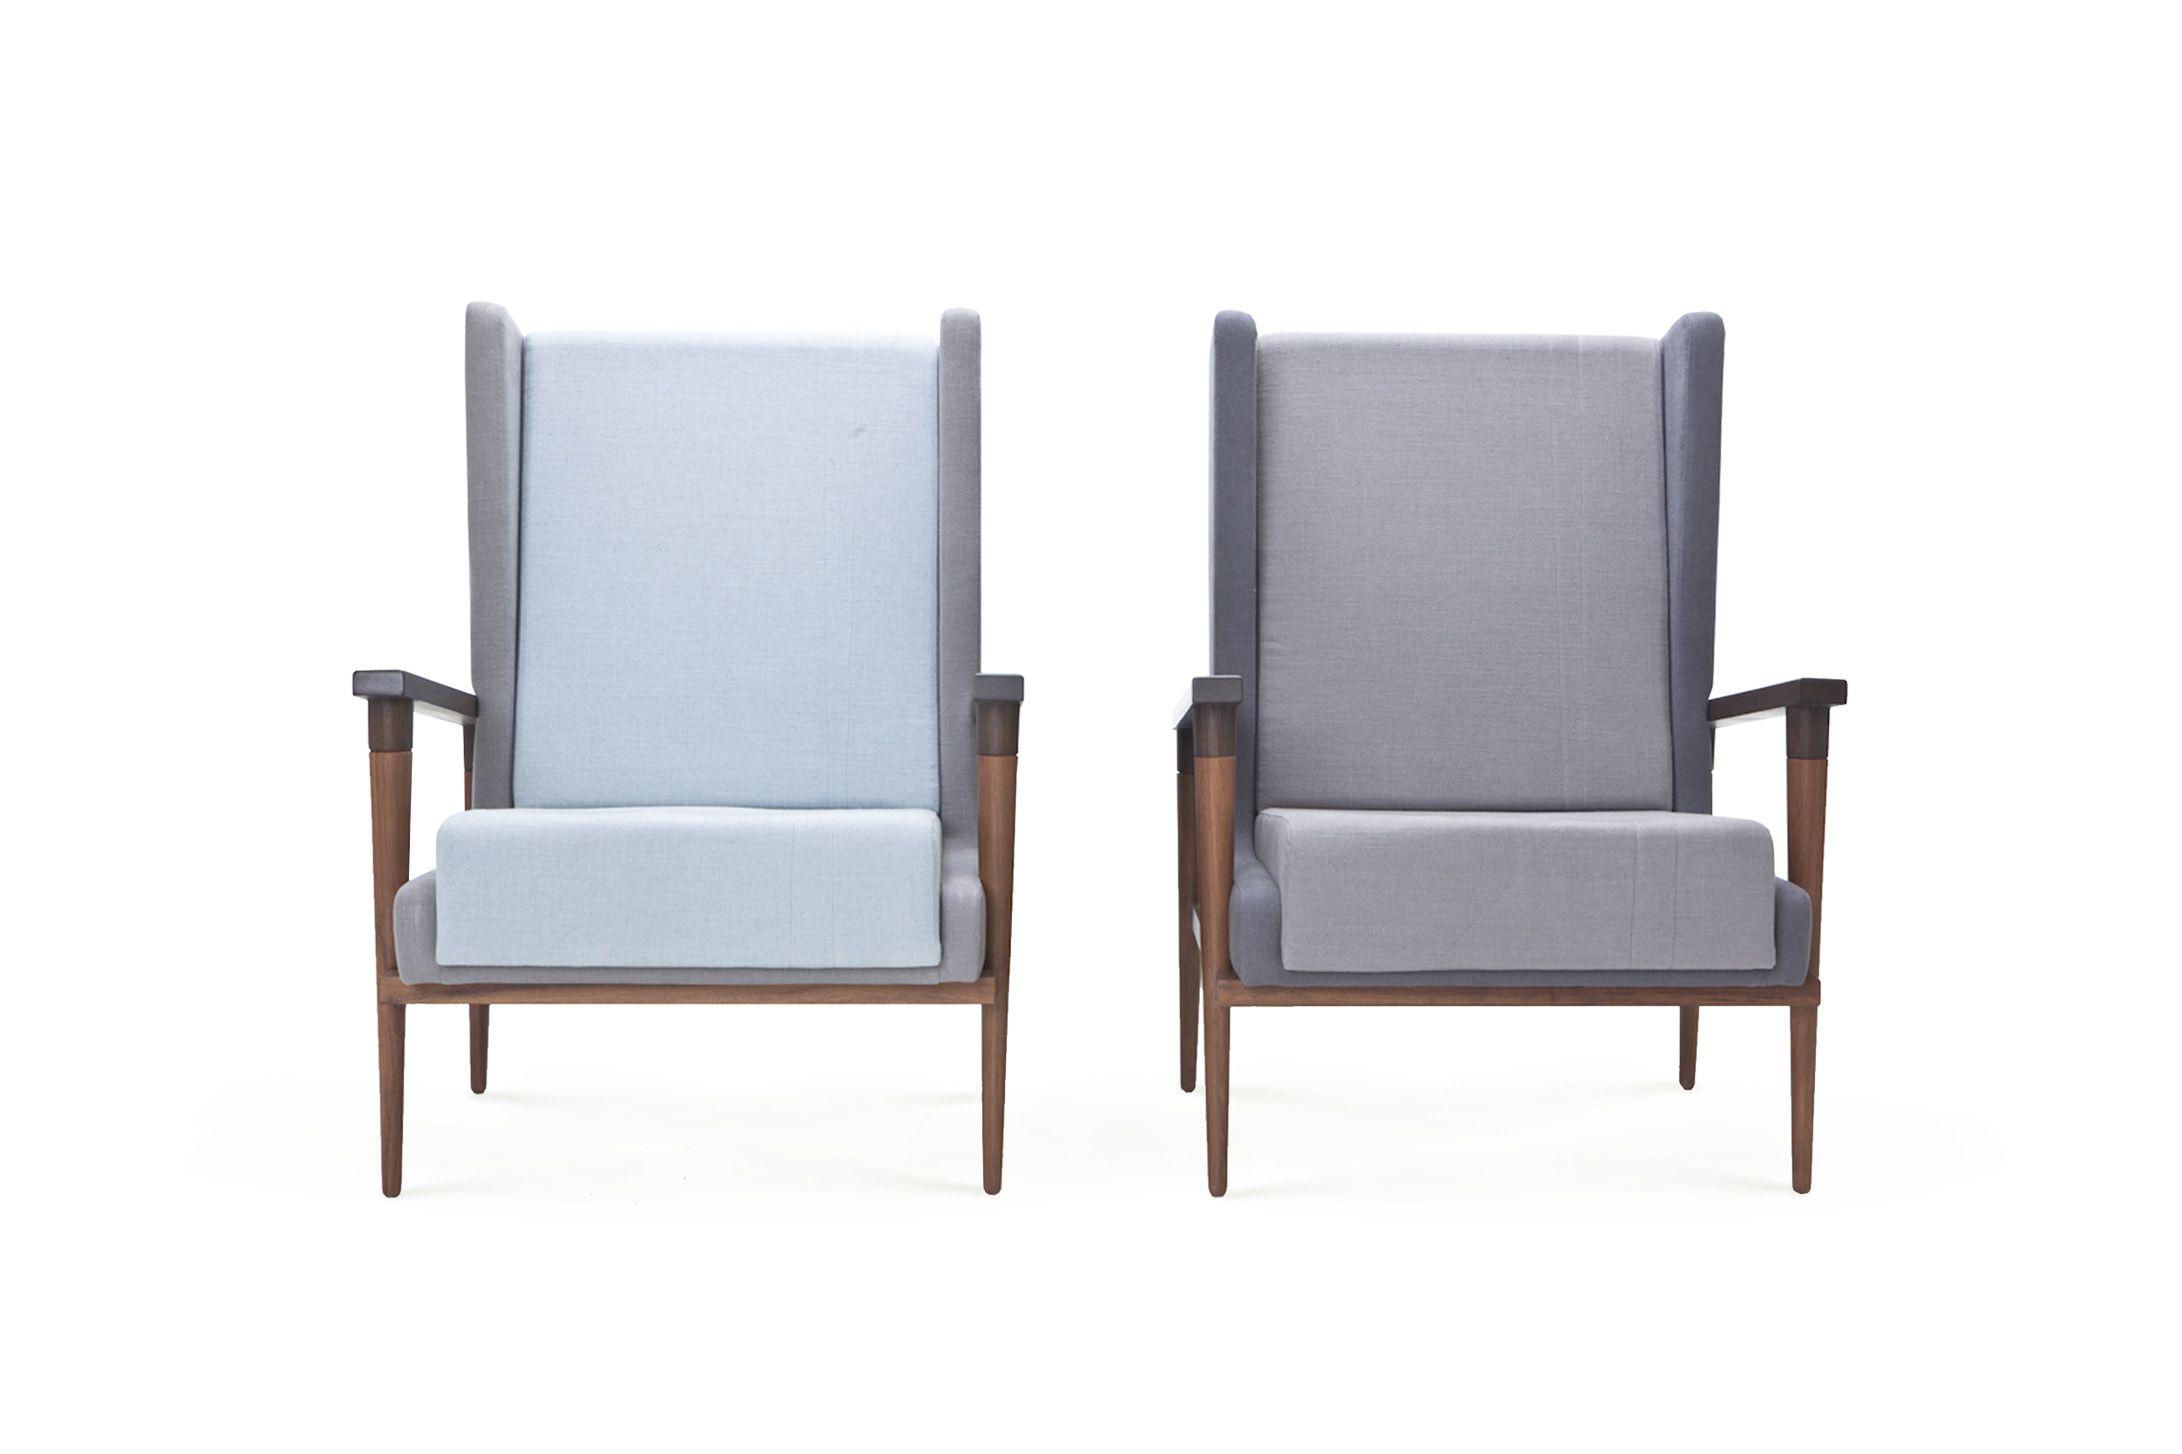 sillón Gemelos | Gemelo, Sillones y Separar